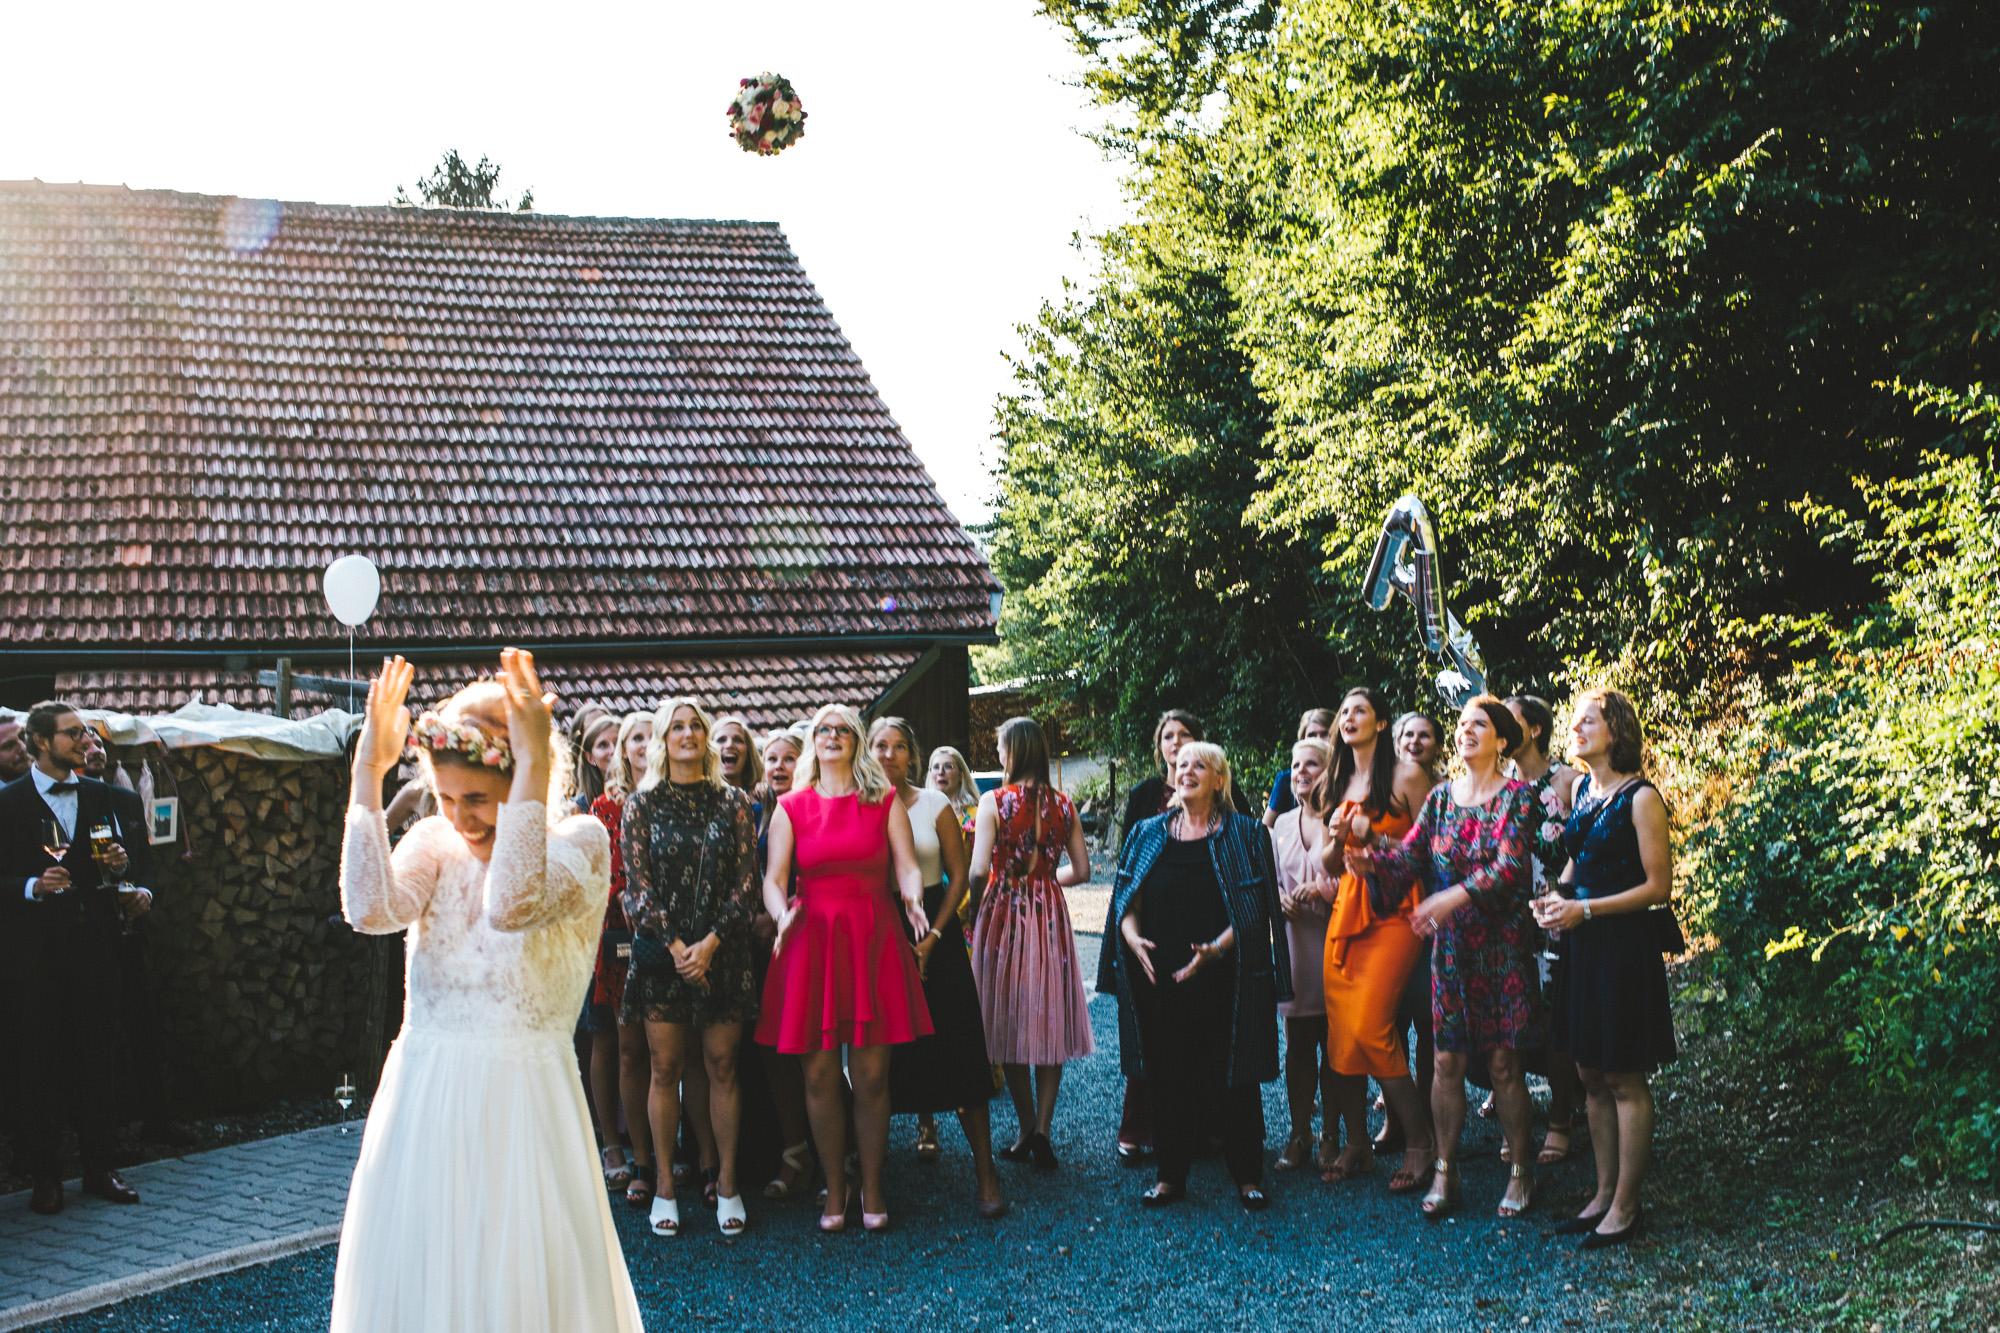 Hochzeit Hofgut Hohenstein 54 - Hofgut Hohenstein